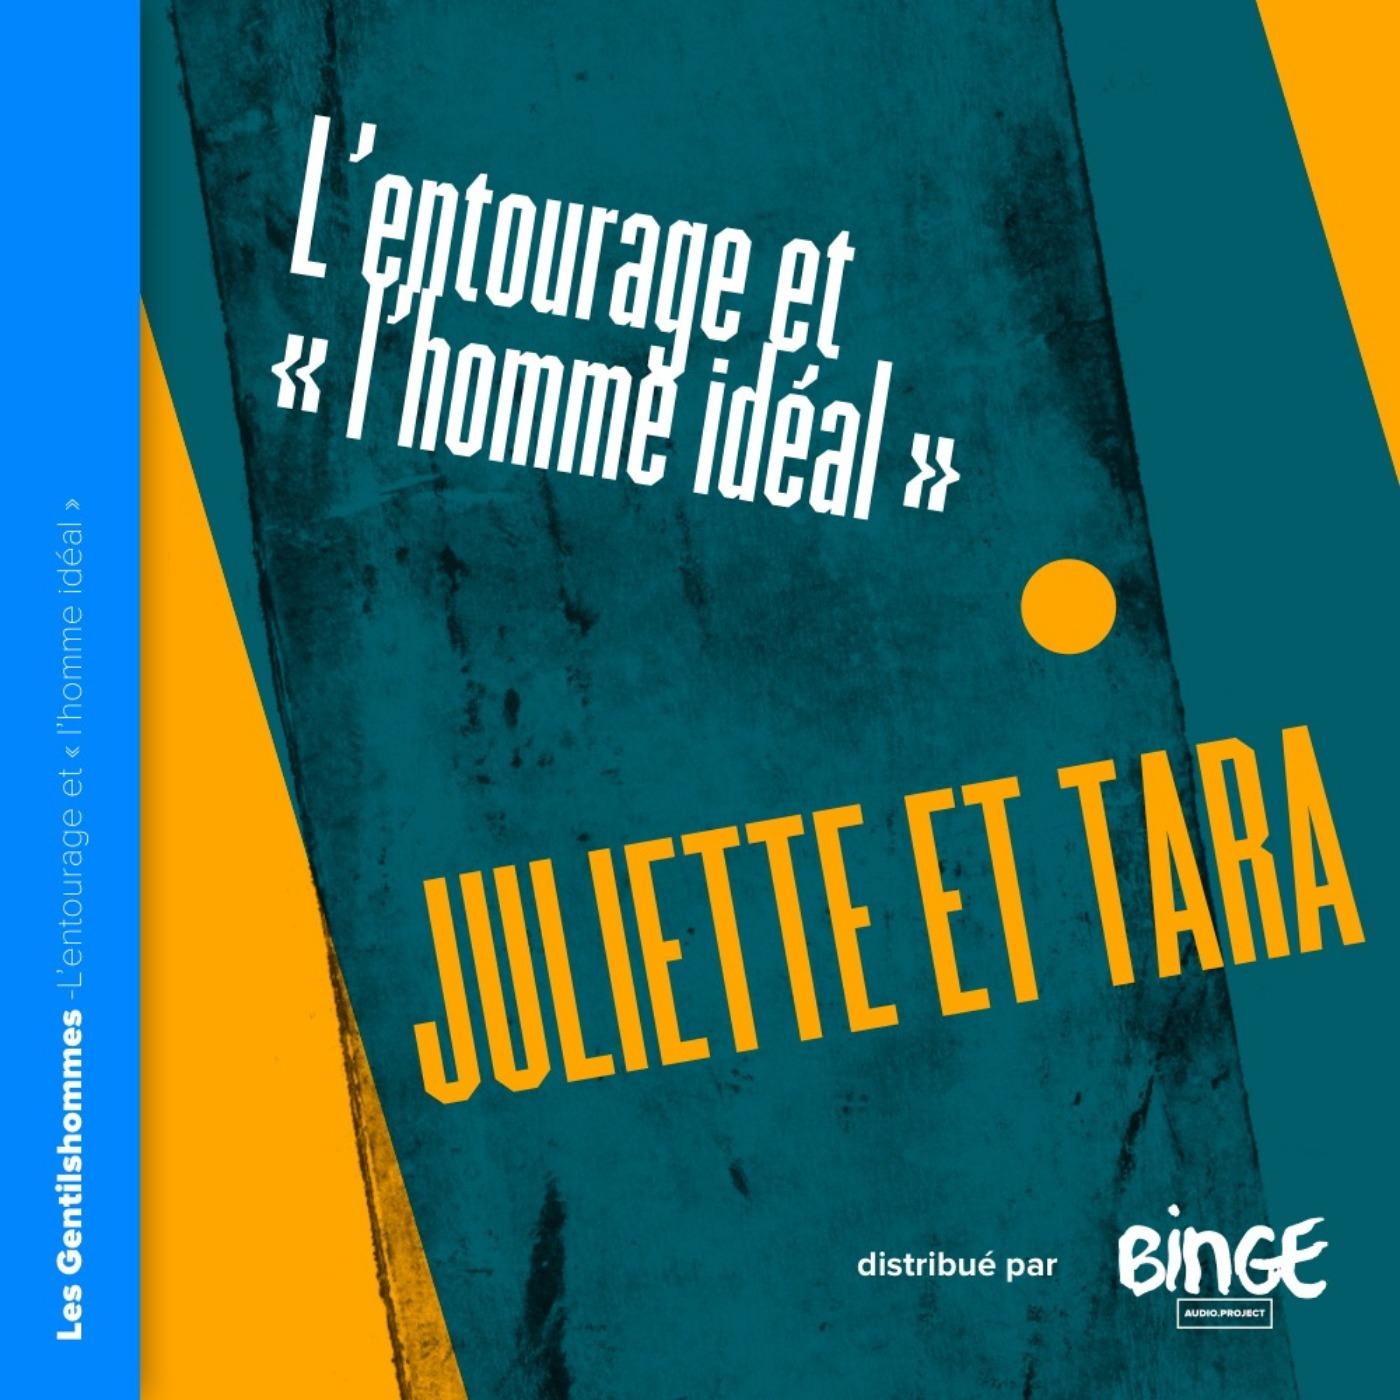 Juliette et Tara - L'entourage & «l'homme idéal»